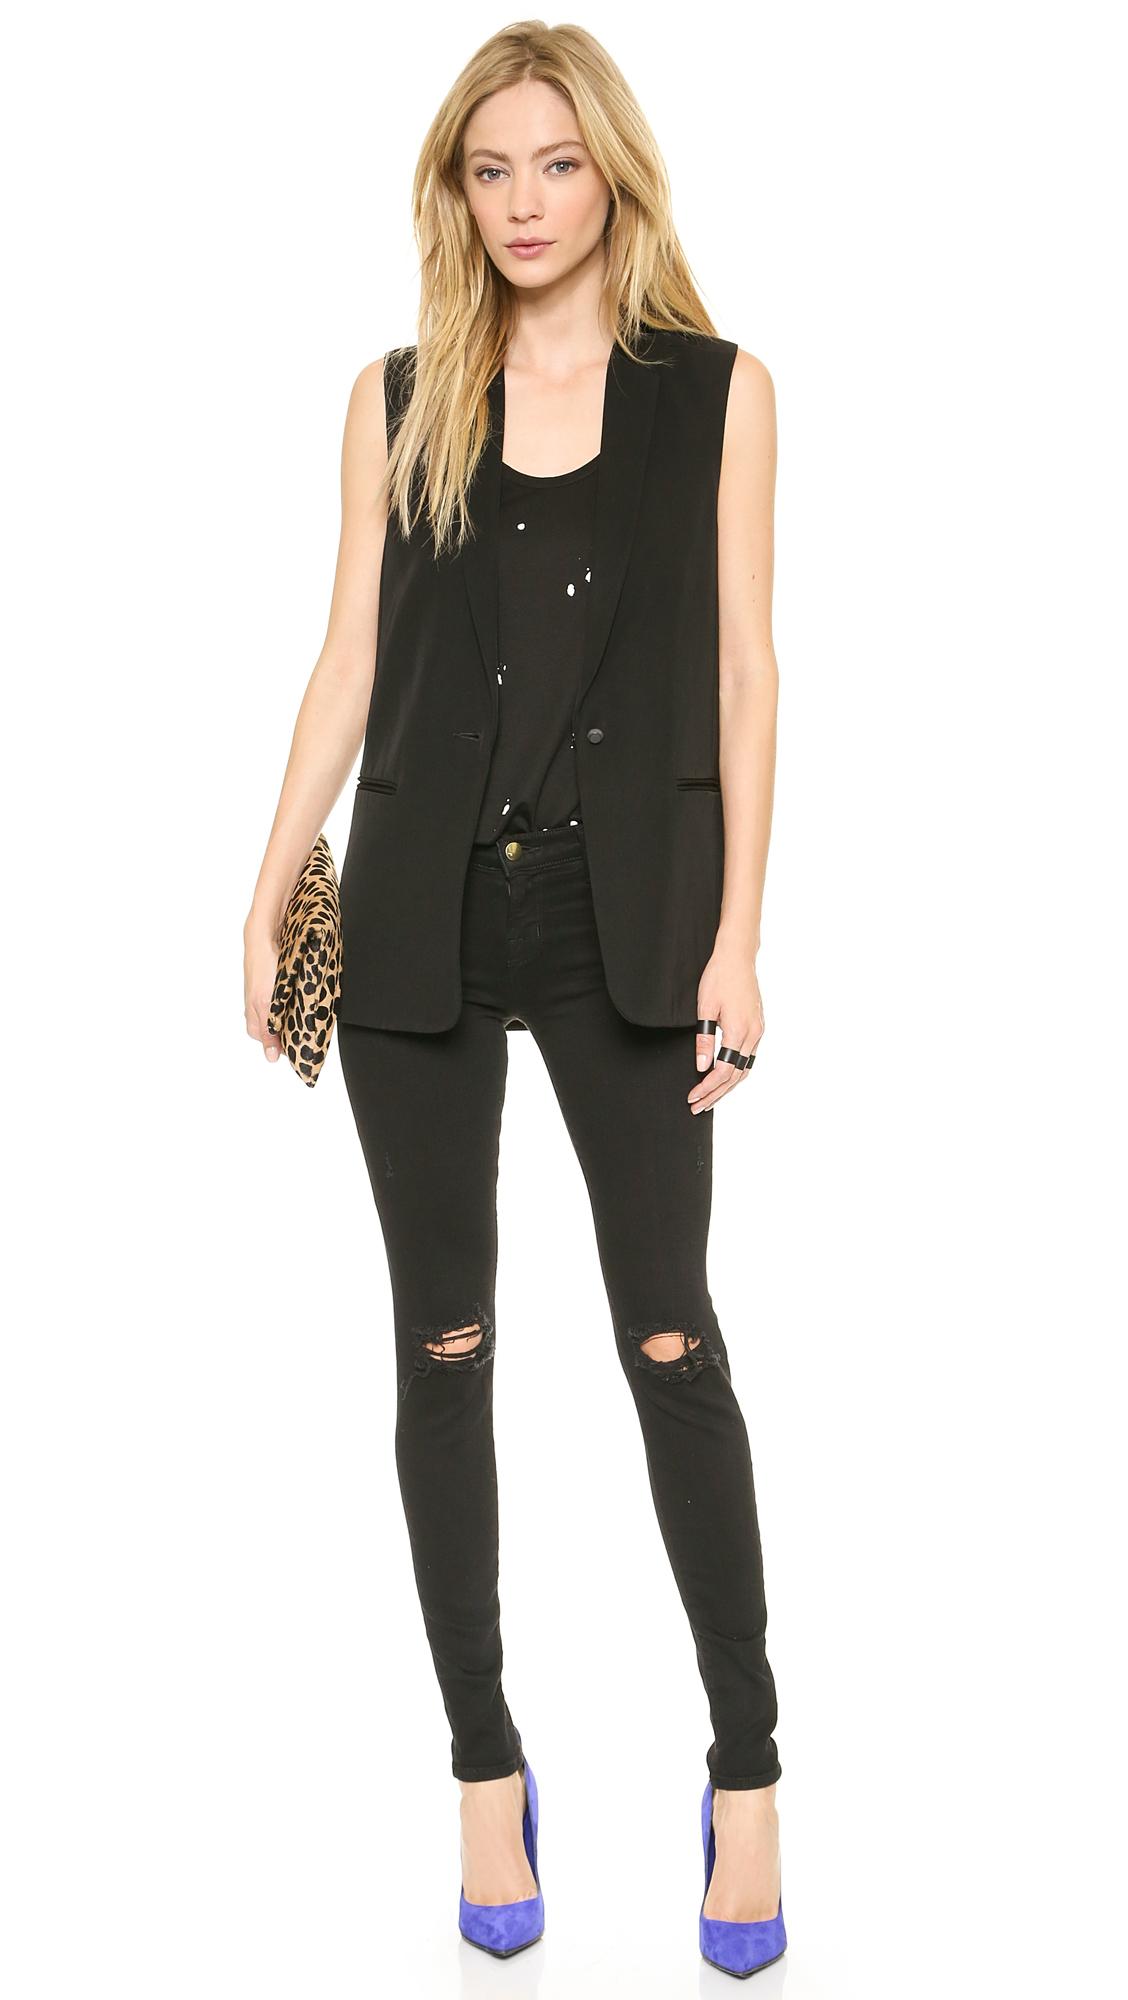 J brand 620 super skinny jeans in blackout